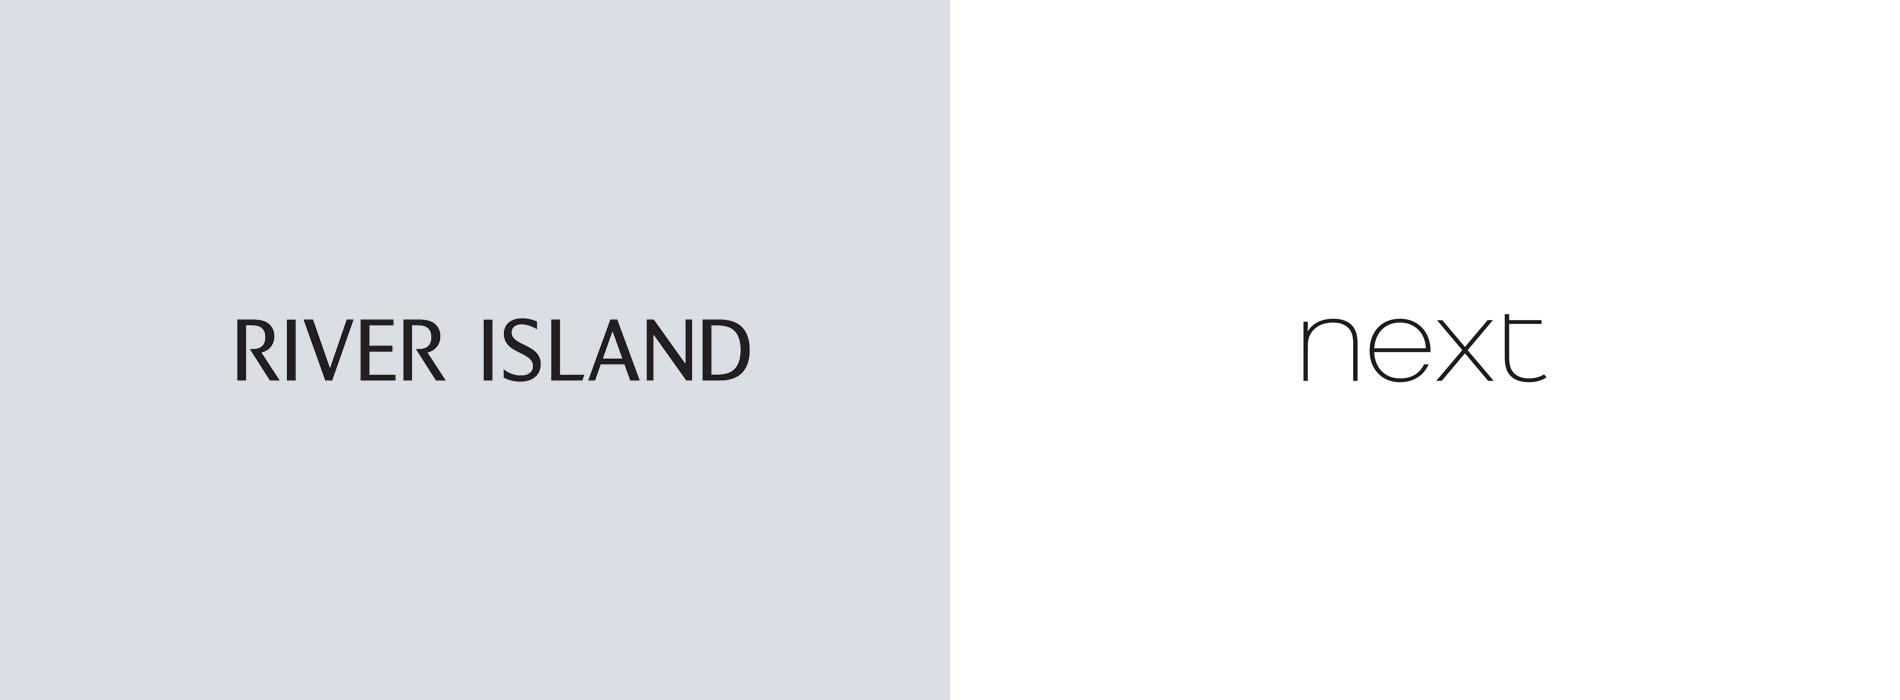 River Island vs Next: a UX Comparison